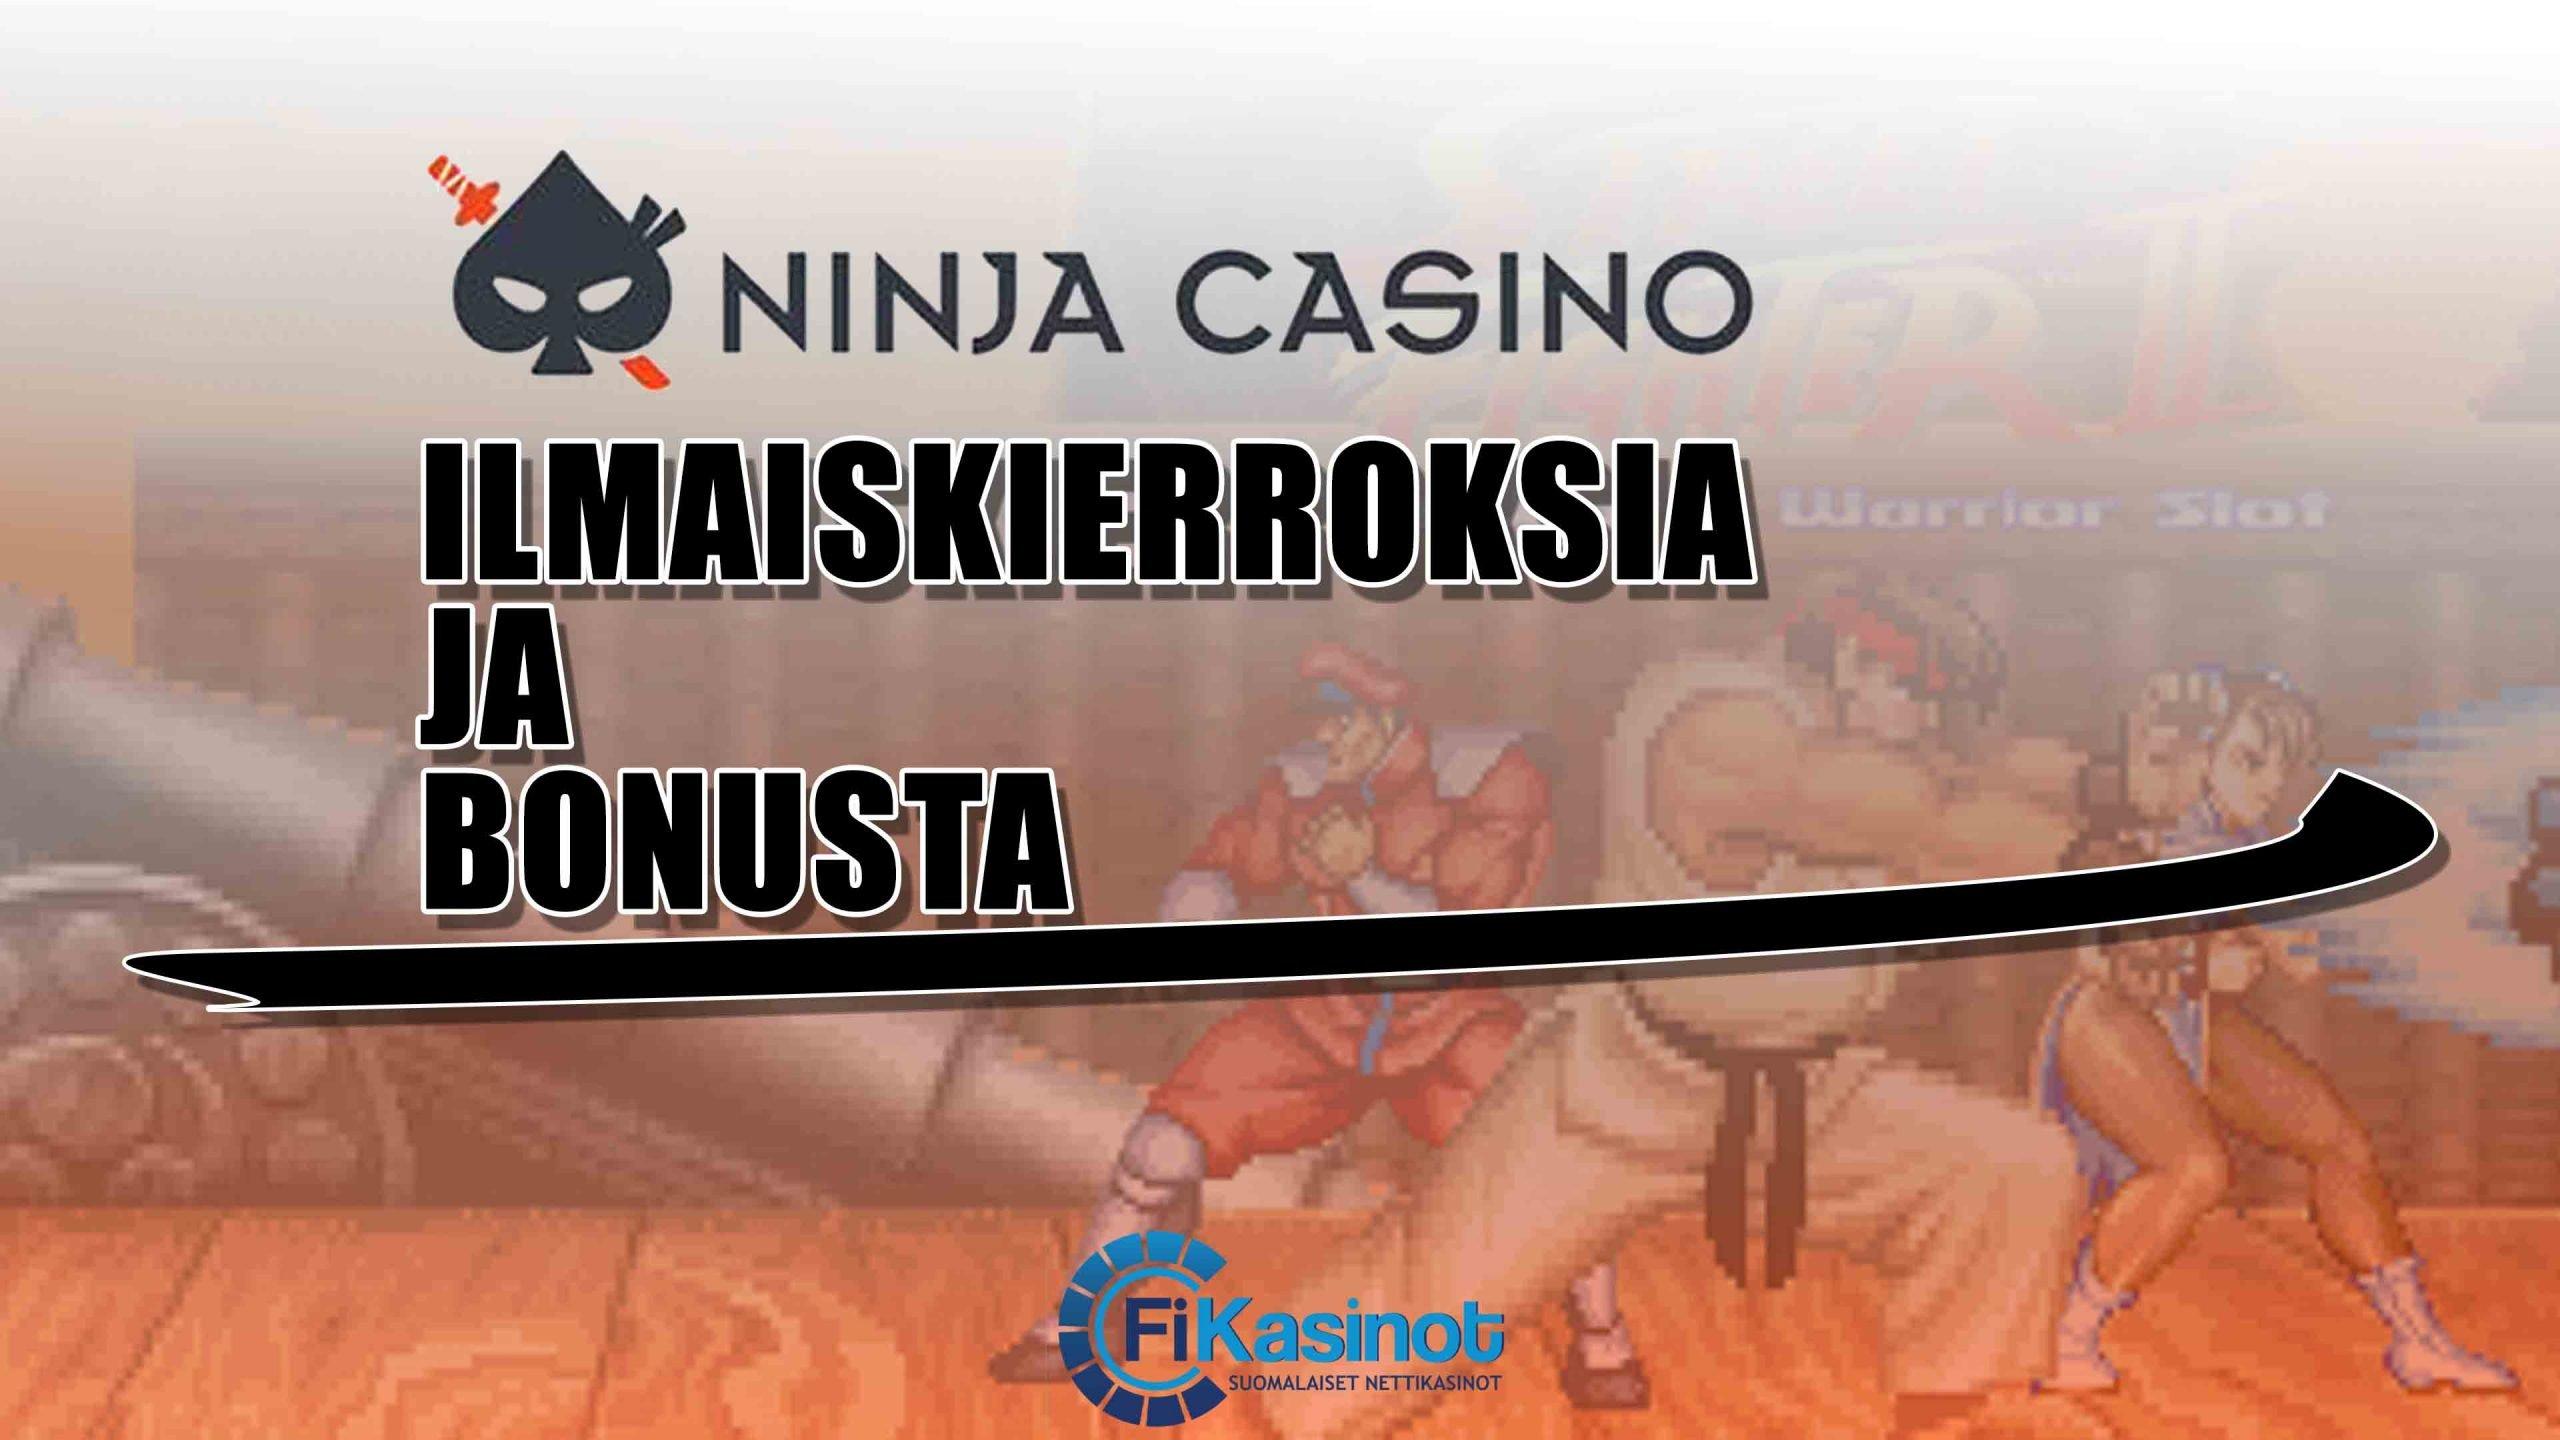 Ilmaiskierroksia ja bonusta Ninja Casinolta